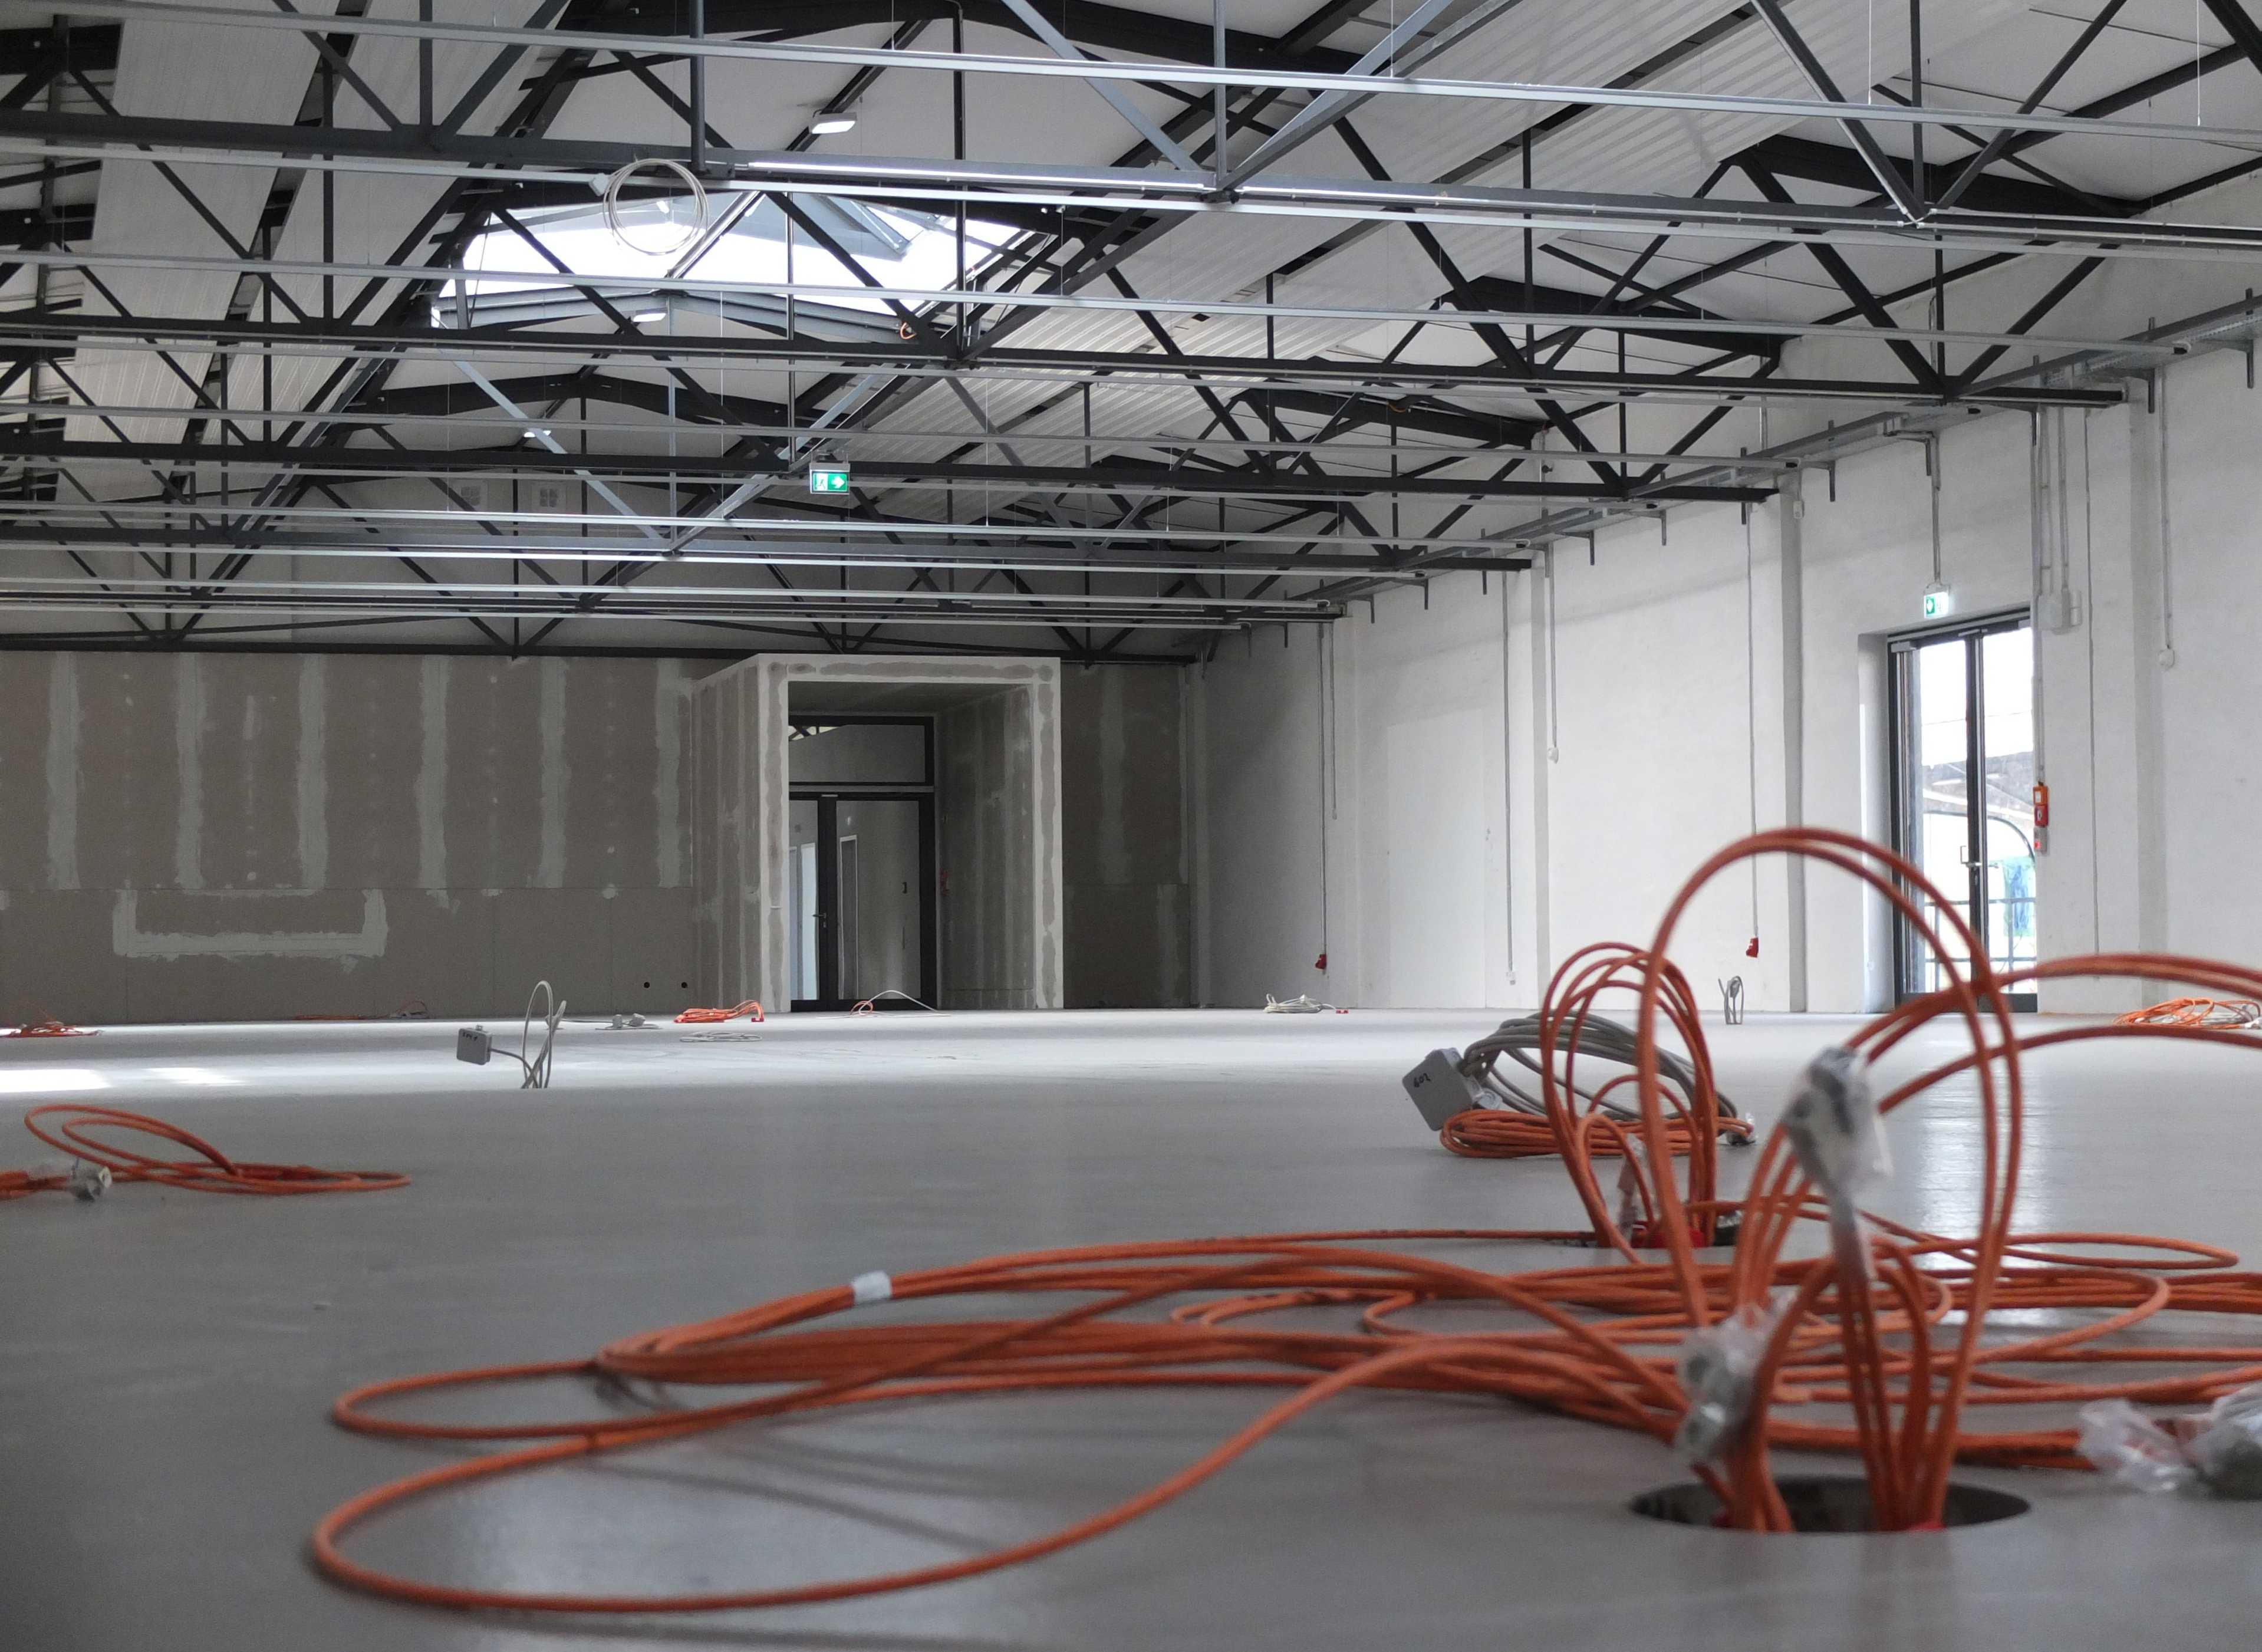 Im Moment sehen die Ausstellungshallen noch sehr leer aus. Das wird sich bald ändern. Foto: SDTB / Koller